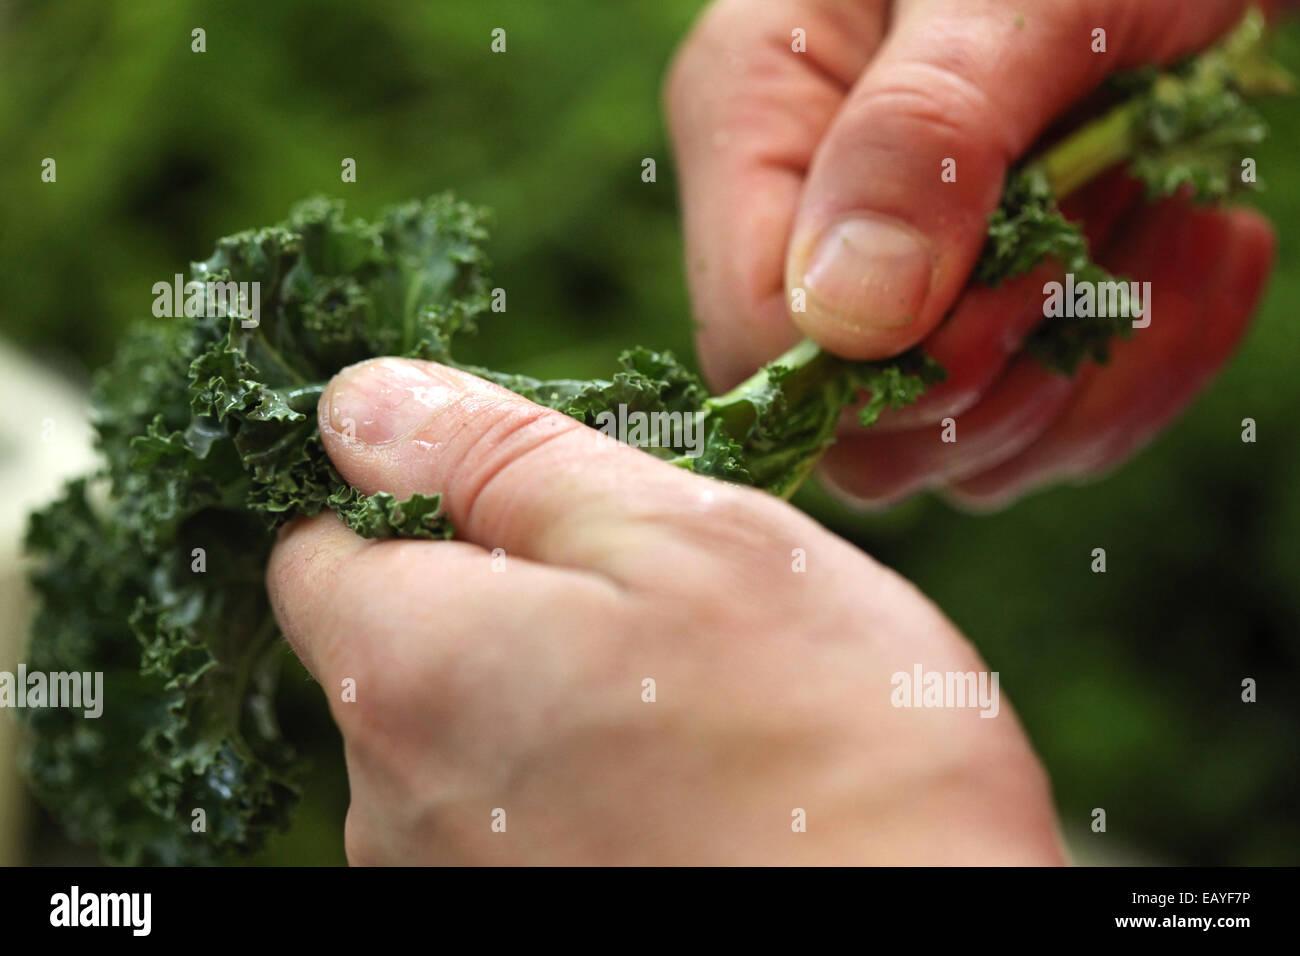 Close-up de manos la preparación de la col rizada para una comida. Imagen De Stock